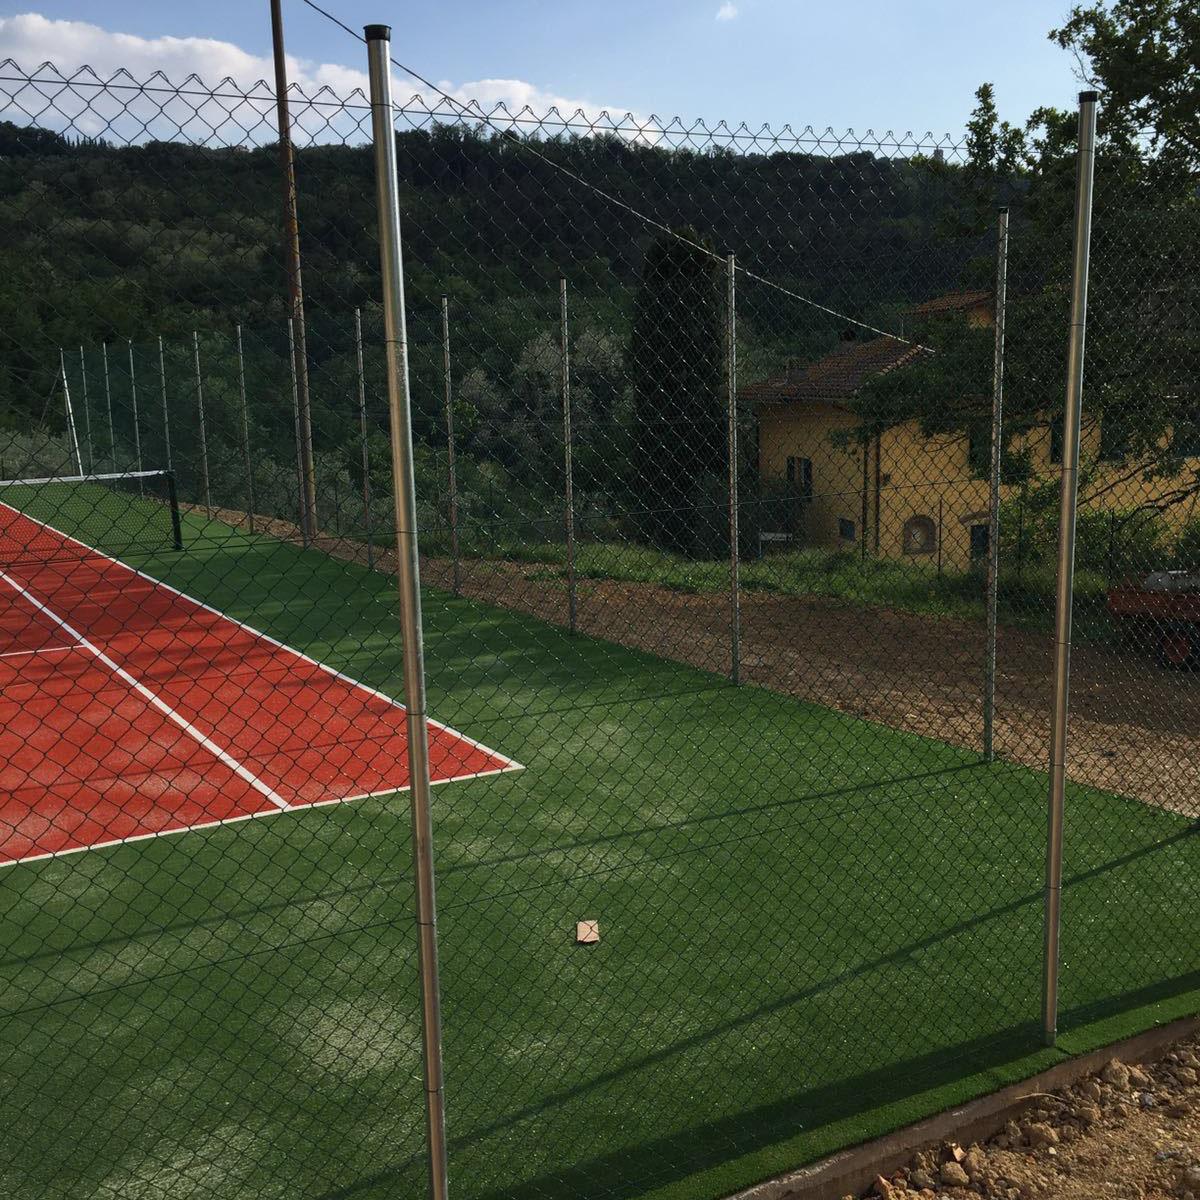 montaggio-pali-plastificati-recinzioni-ravenna-rimini